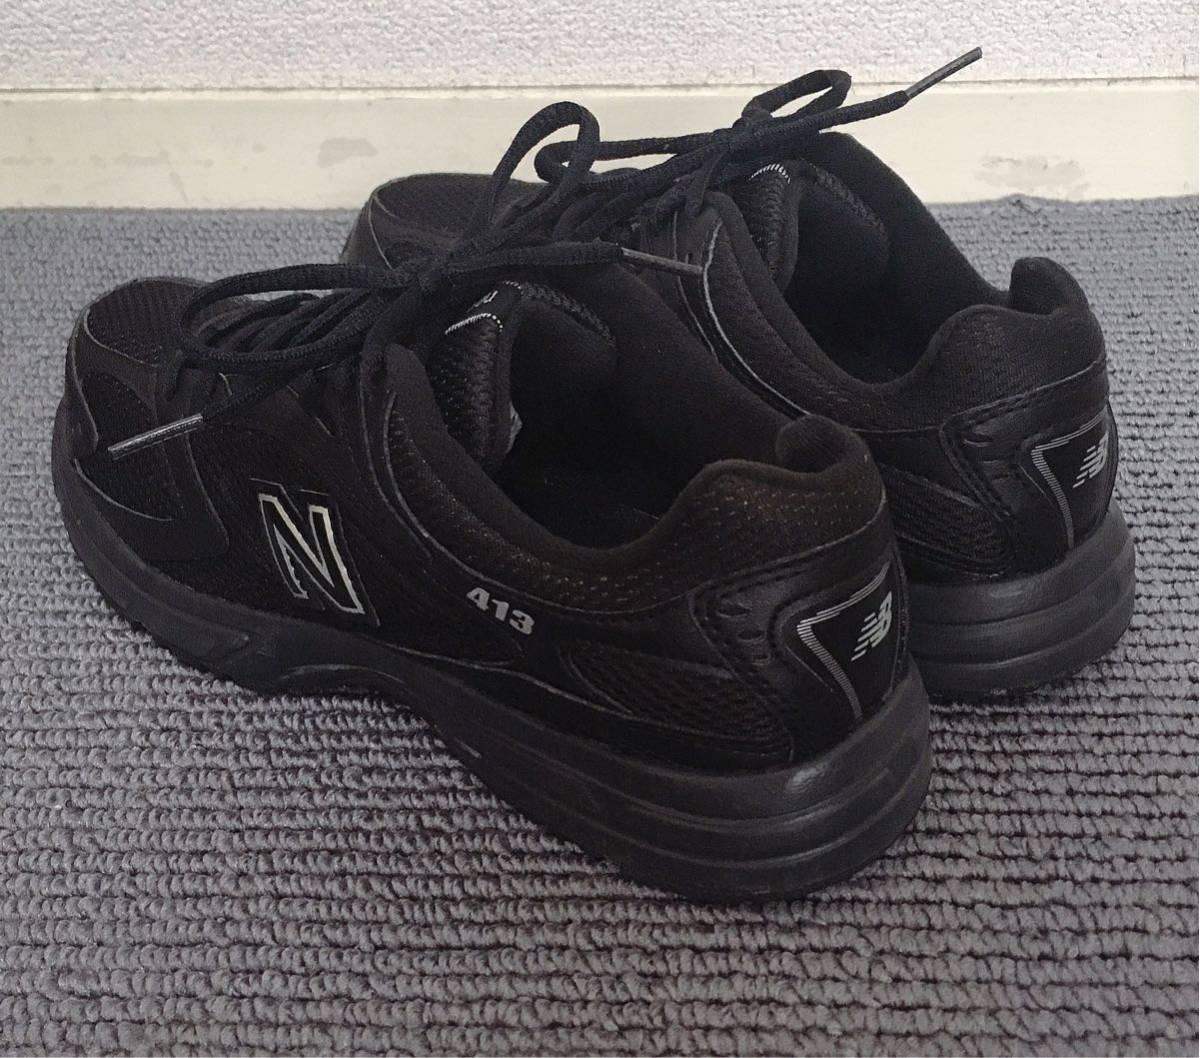 【極美品】NEW BALANCE 413 スニーカー 黒 24.5/ニューバランス_画像4